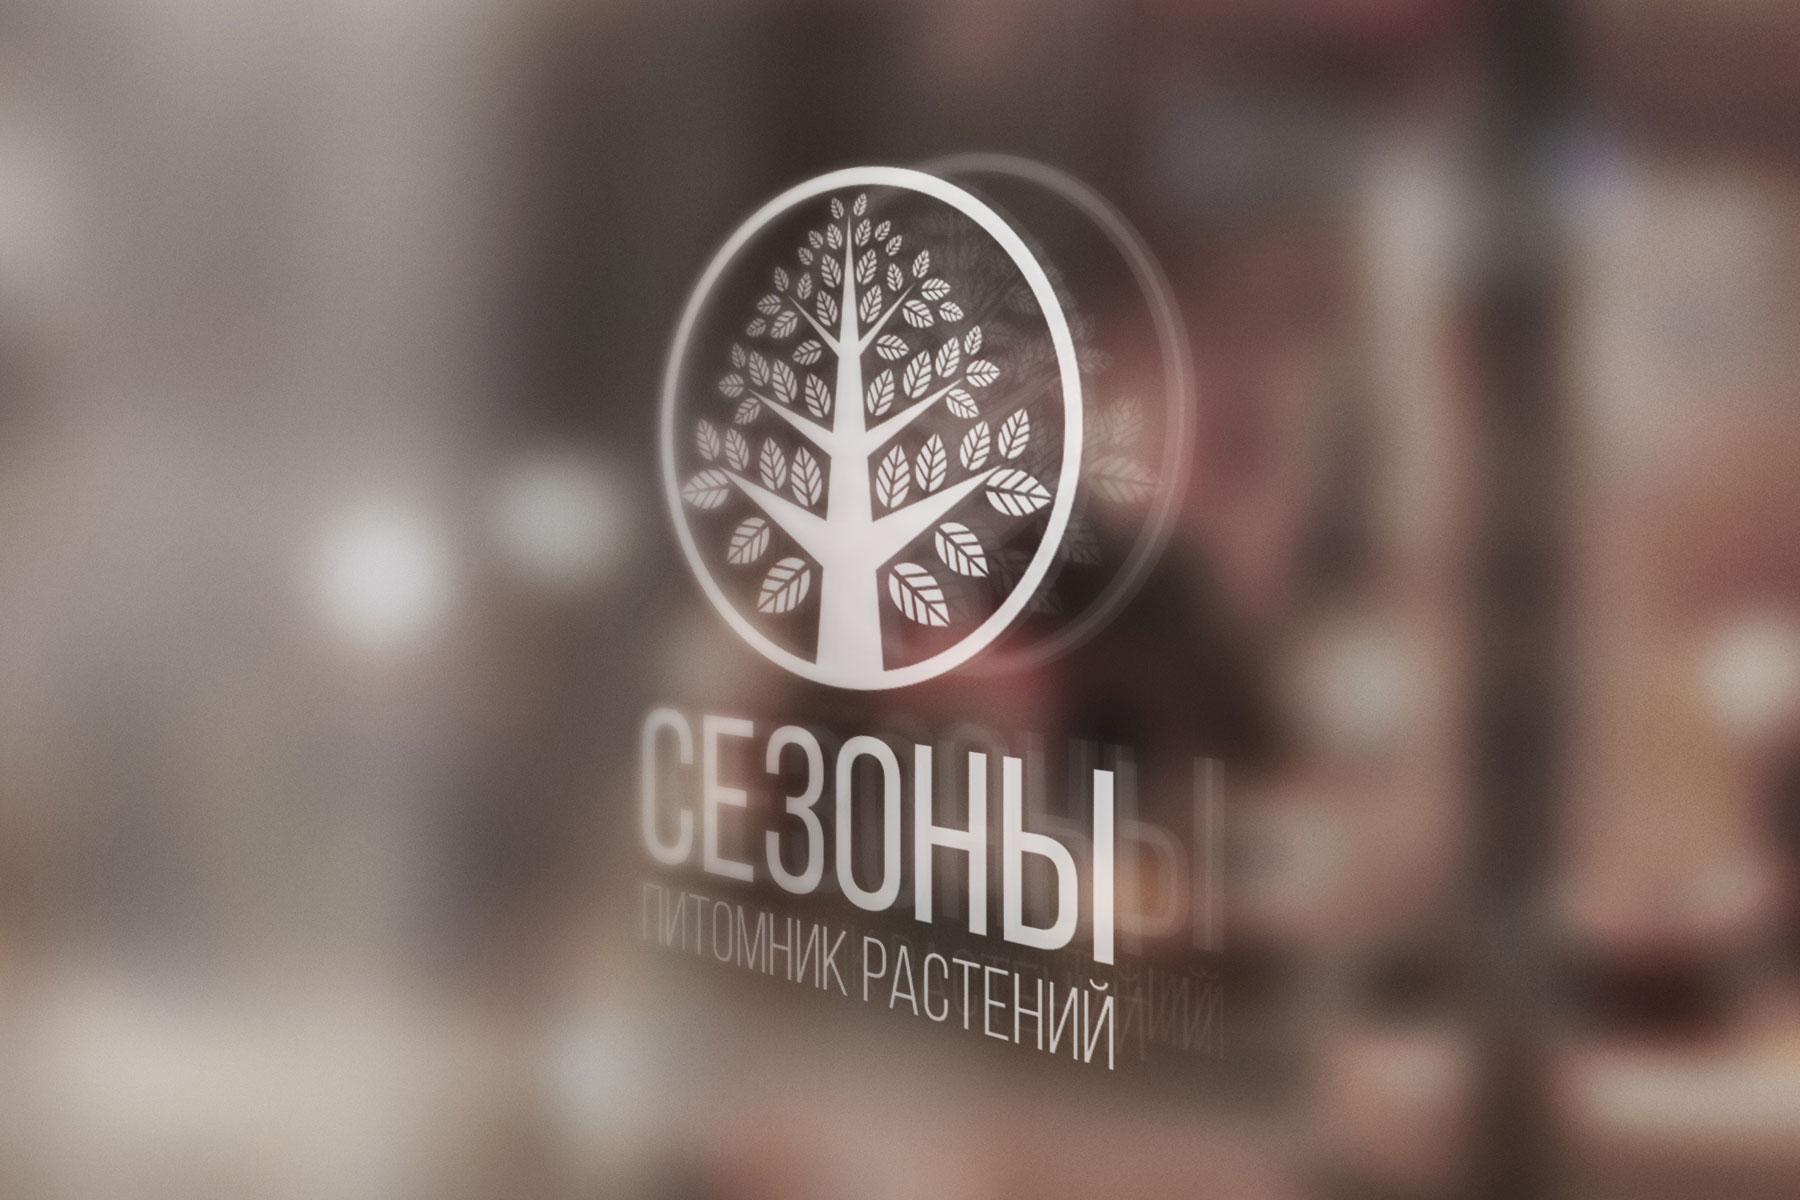 """Айдентика """"Сезоны"""""""